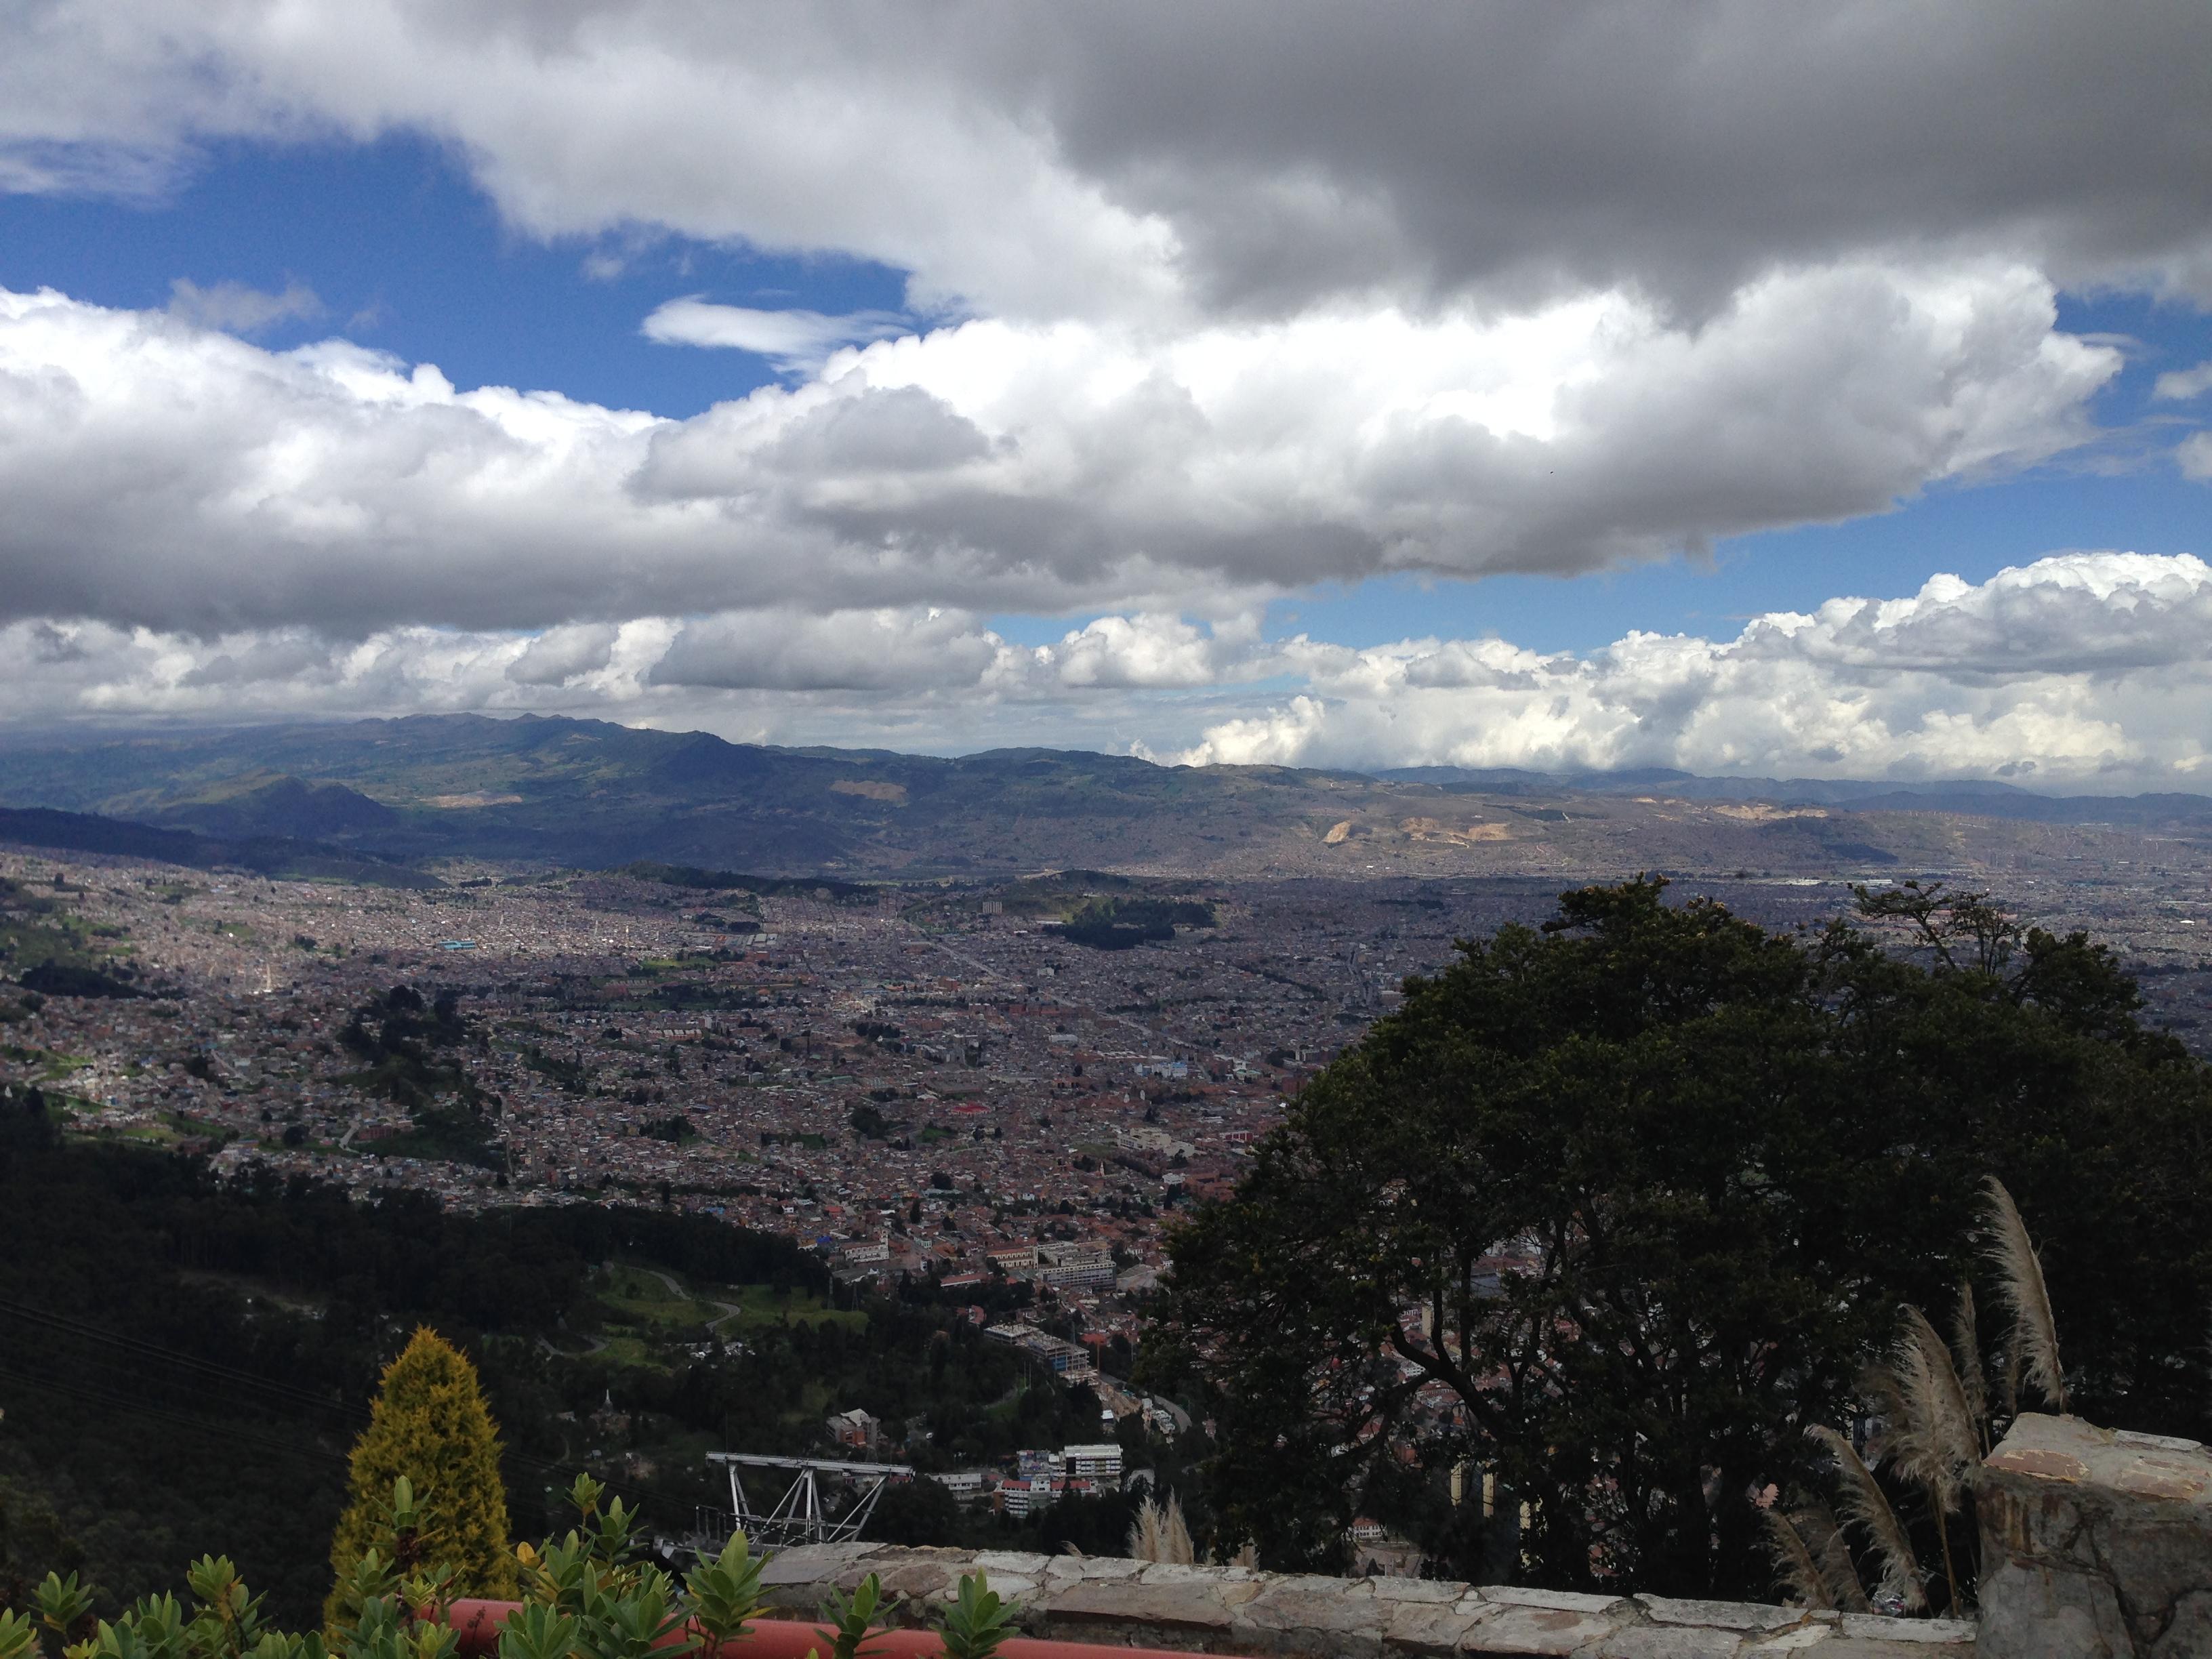 Vista da cidade de Bogotá desde o Santuário de Monserrate, que fica a 3170m de altitude